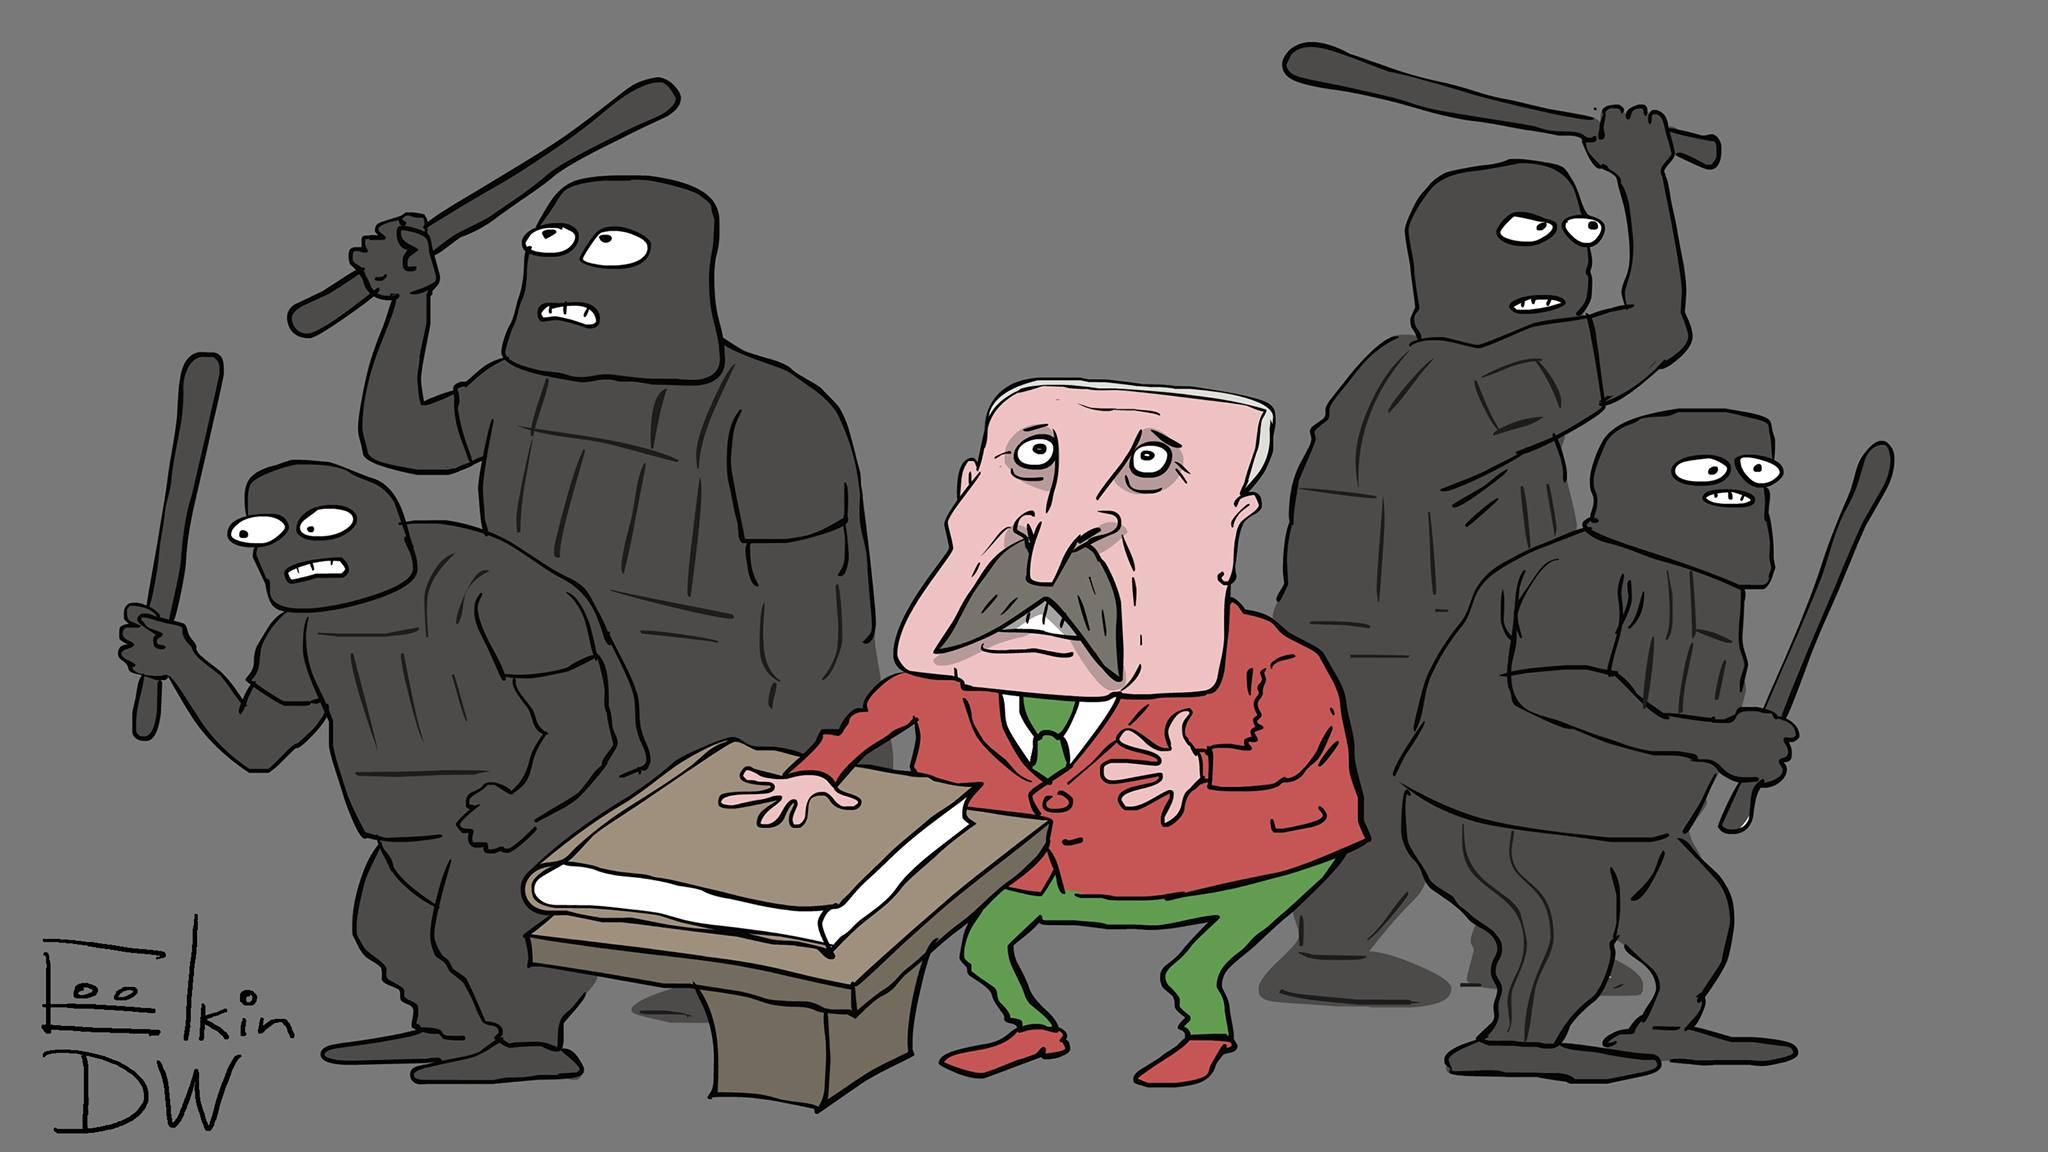 В Совете по межнациональным отношениям при президенте РФ объяснили закрытую инаугурацию Лукашенко Белоруссия,власть,Инаугурации,Лукашенко,общество,россияне